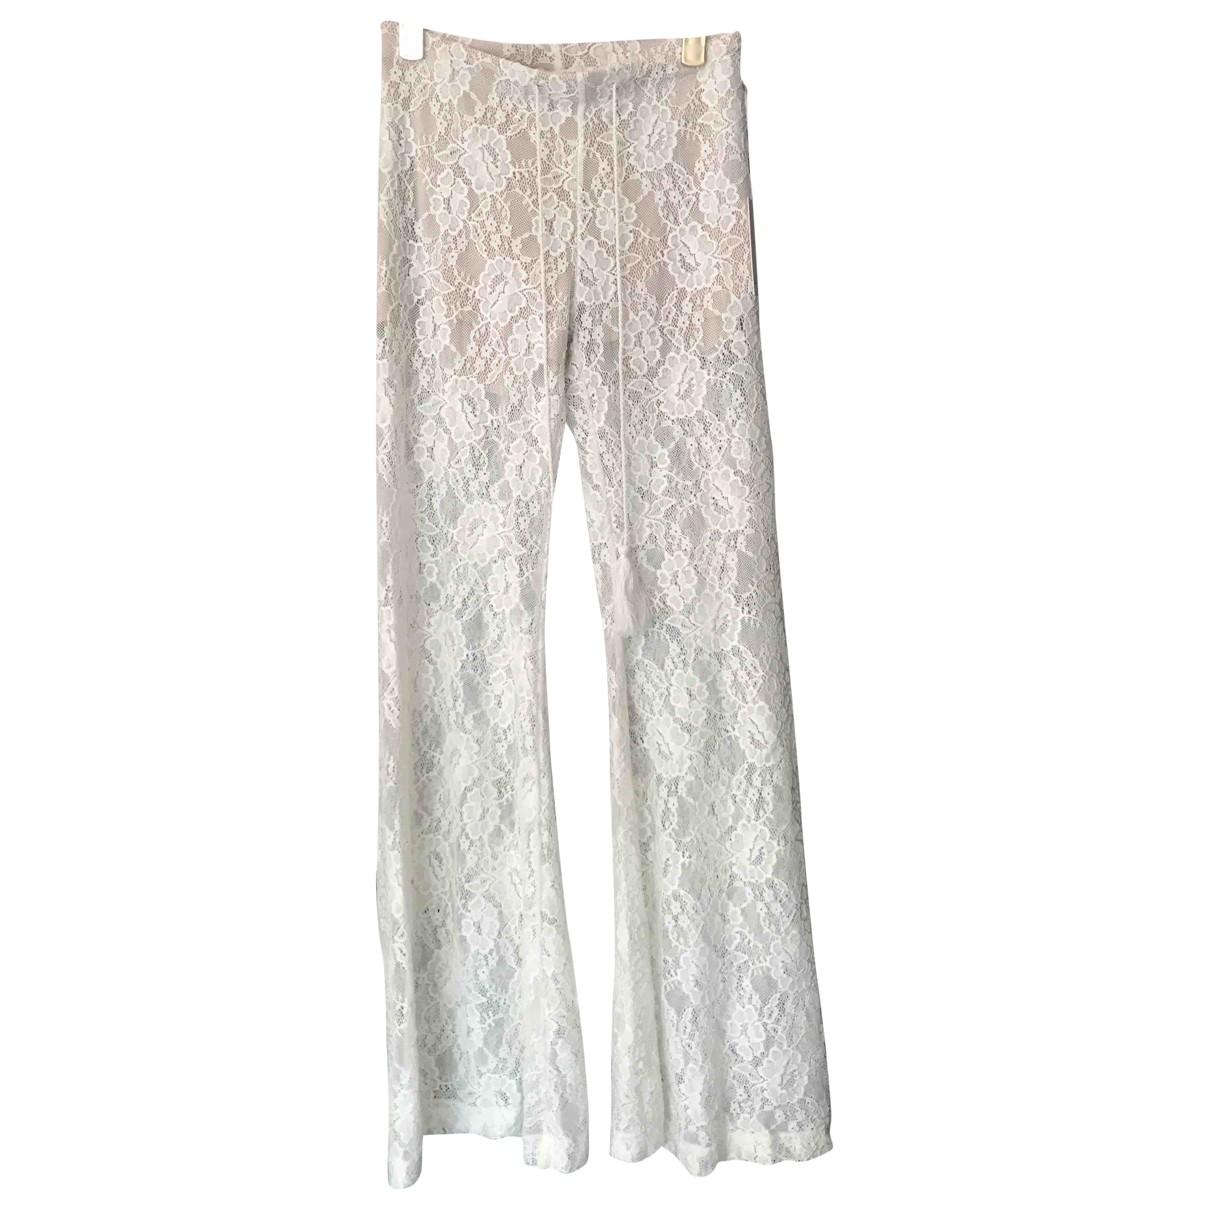 Pantalon en Poliester Beige Non Signe / Unsigned